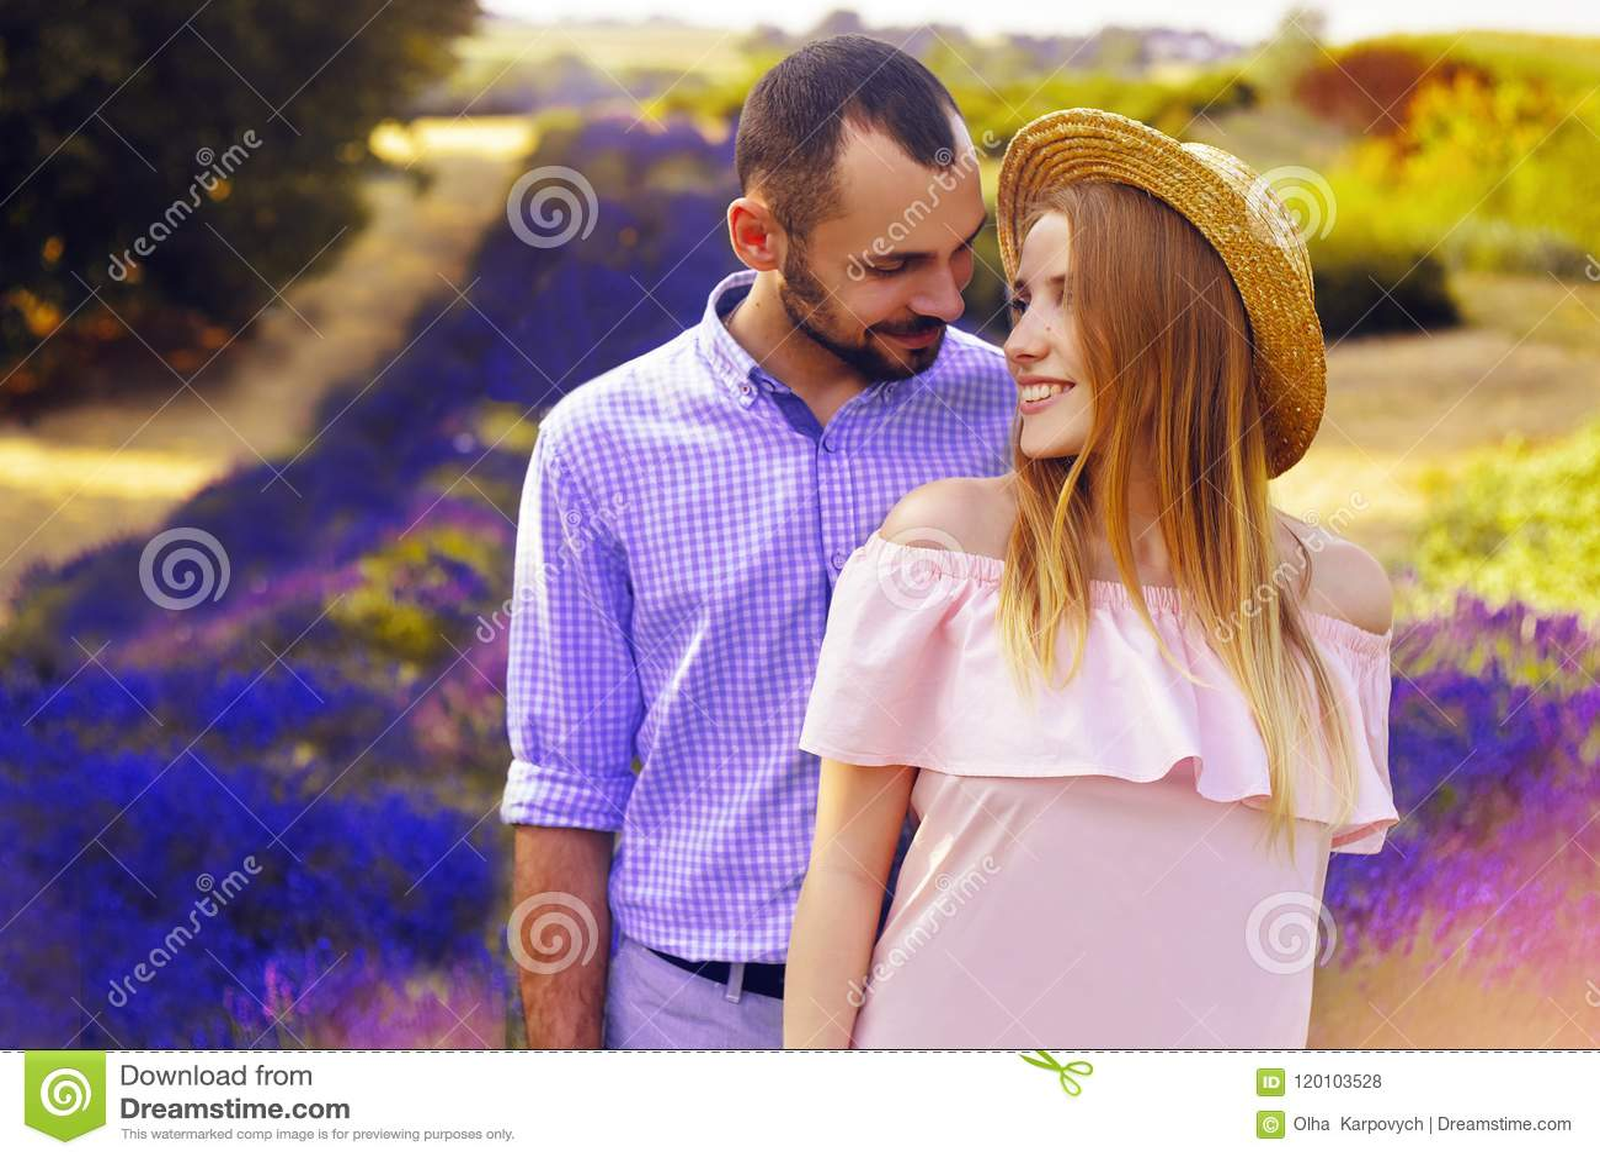 Det gulliga unga lyckliga paret som är förälskat i ett fält av lavendel, blommar Tyck om ett ögonblick av lycka och förälskelse i